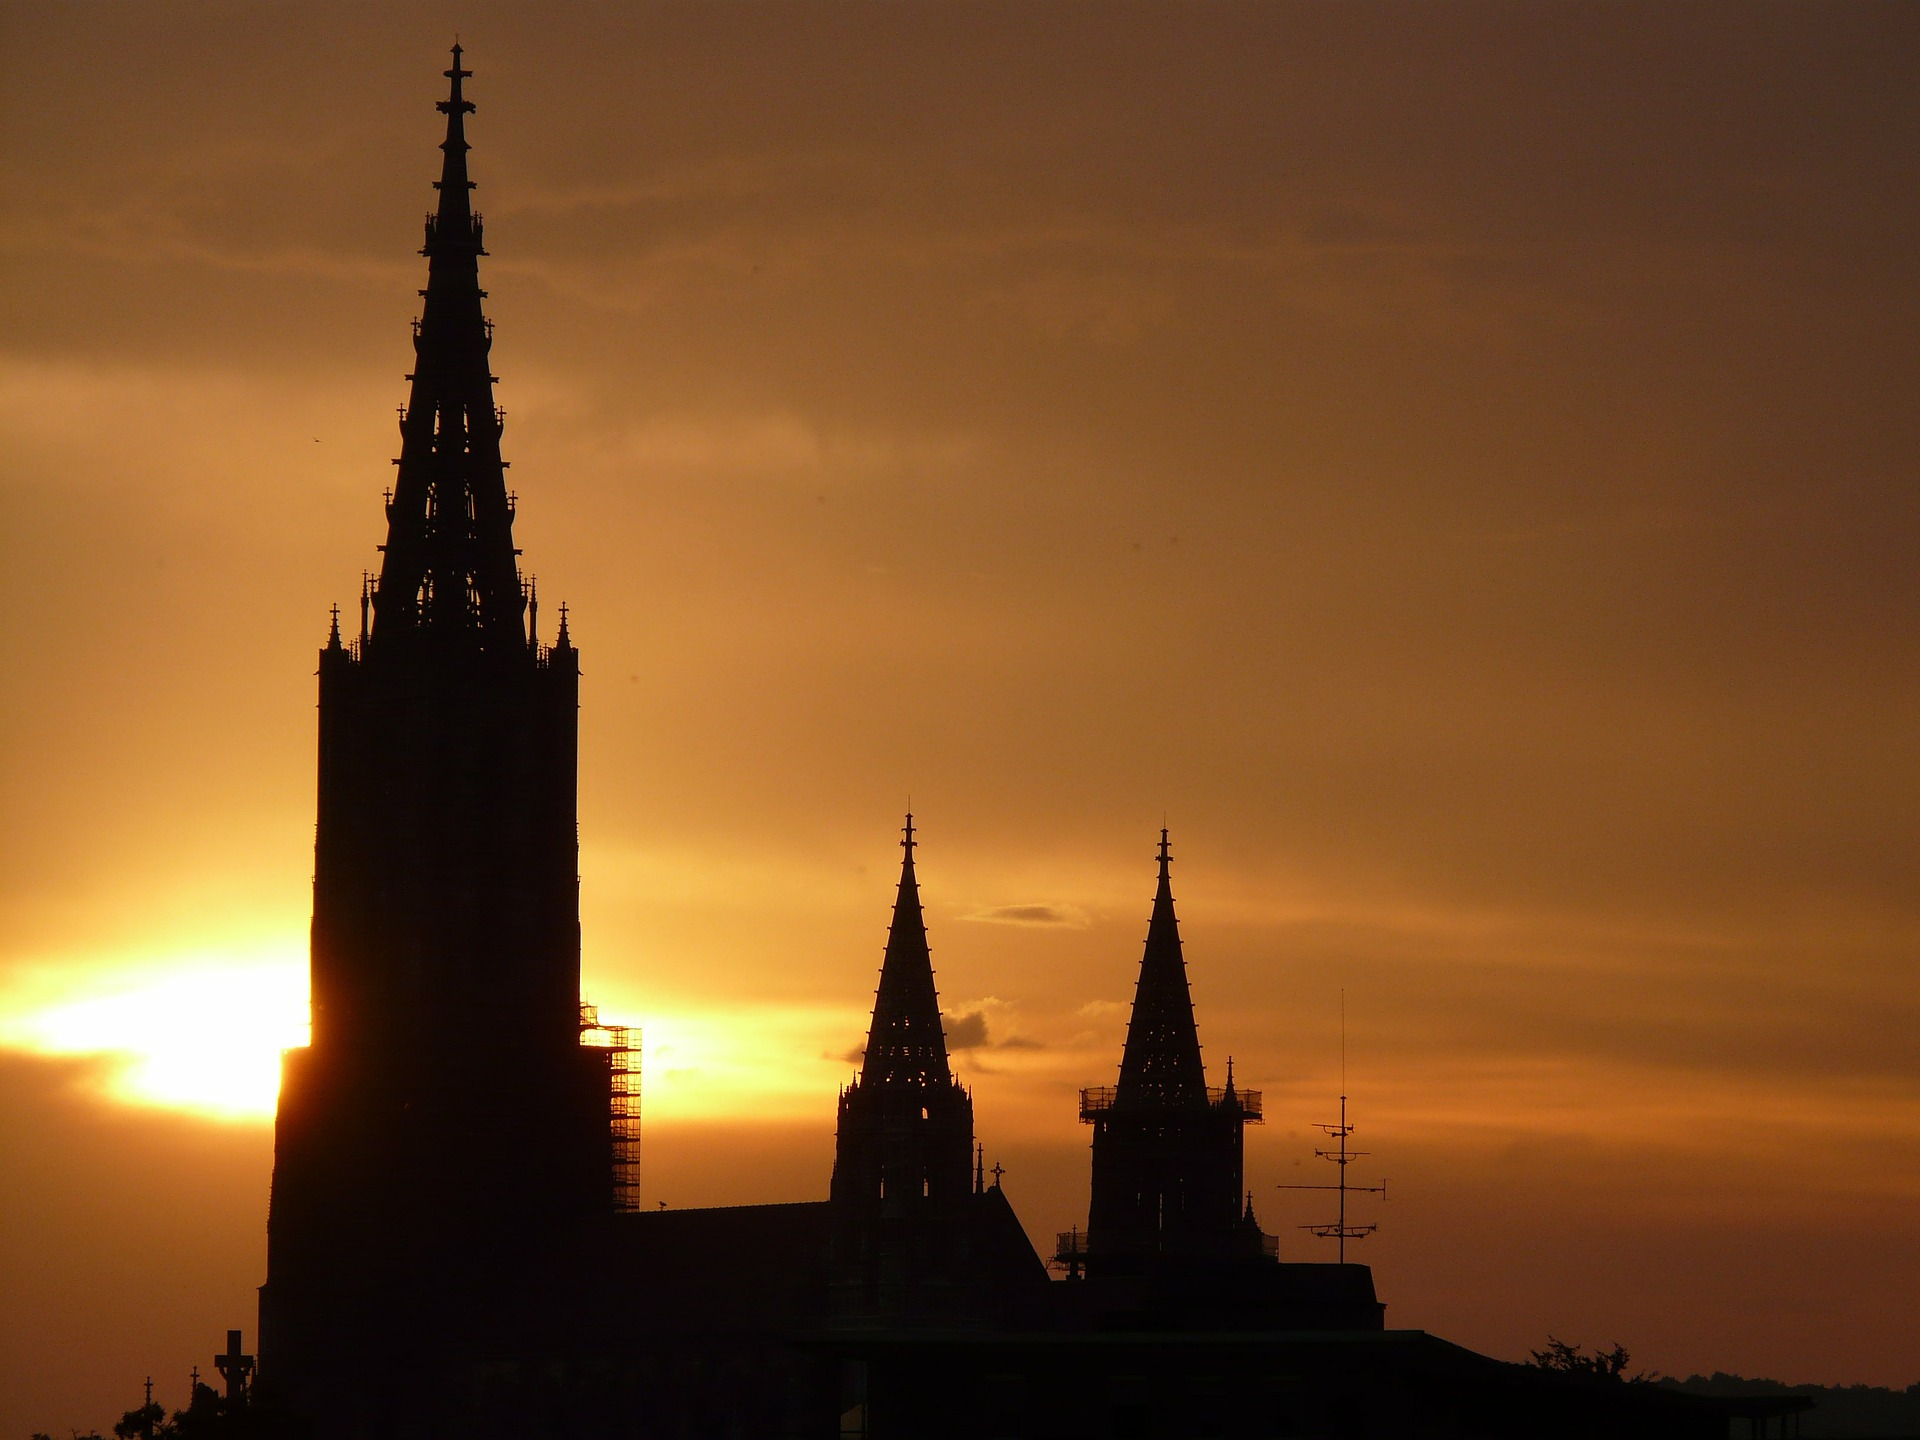 ulm-cathedral-8456_1920.jpg